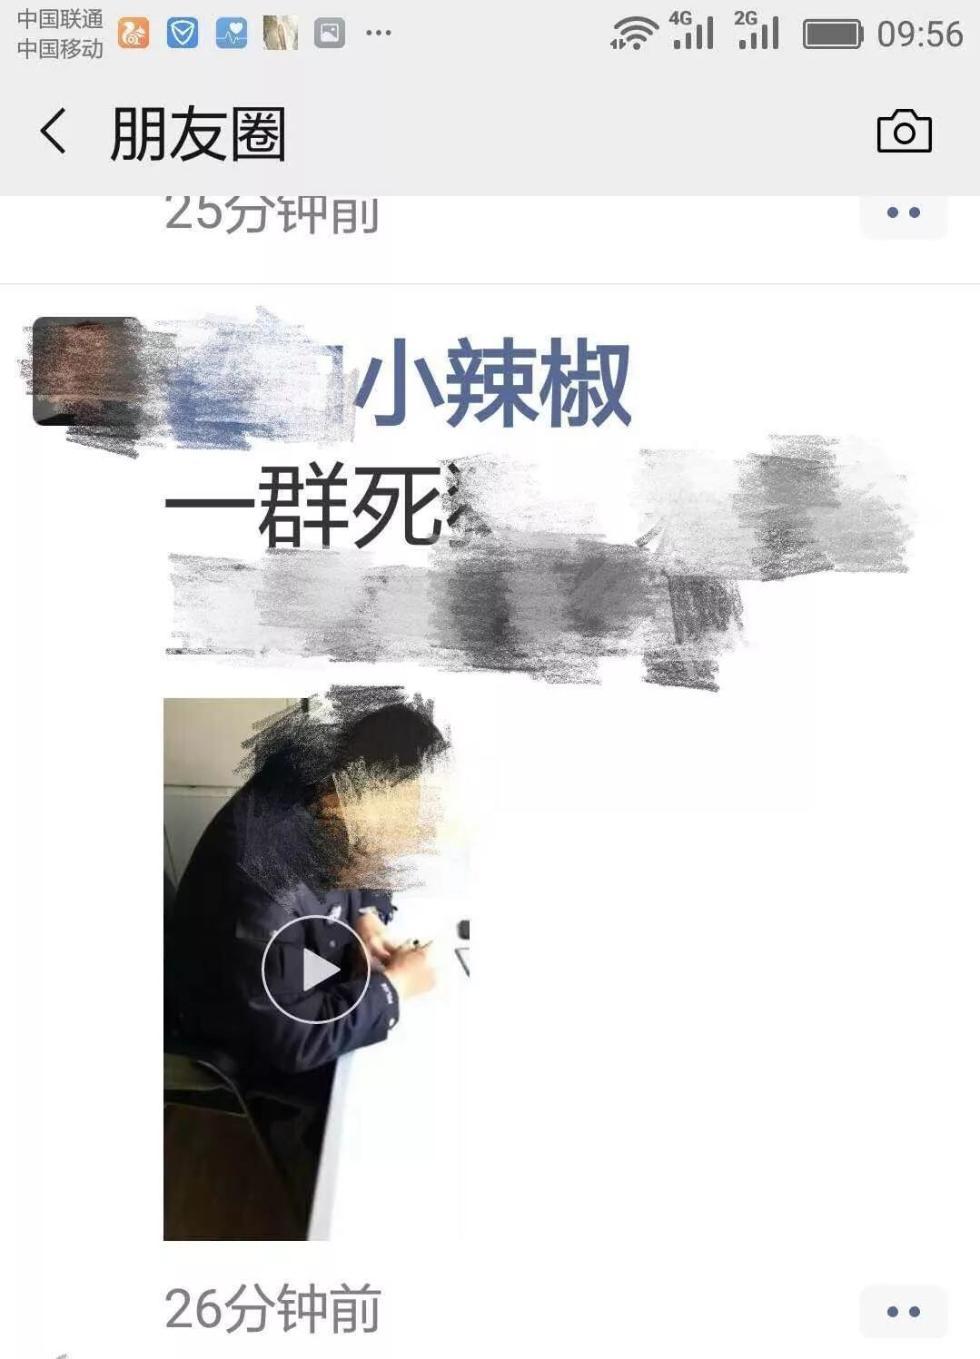 女司机逆行被处罚发朋友圈辱骂交警,被依法行政拘留7日!